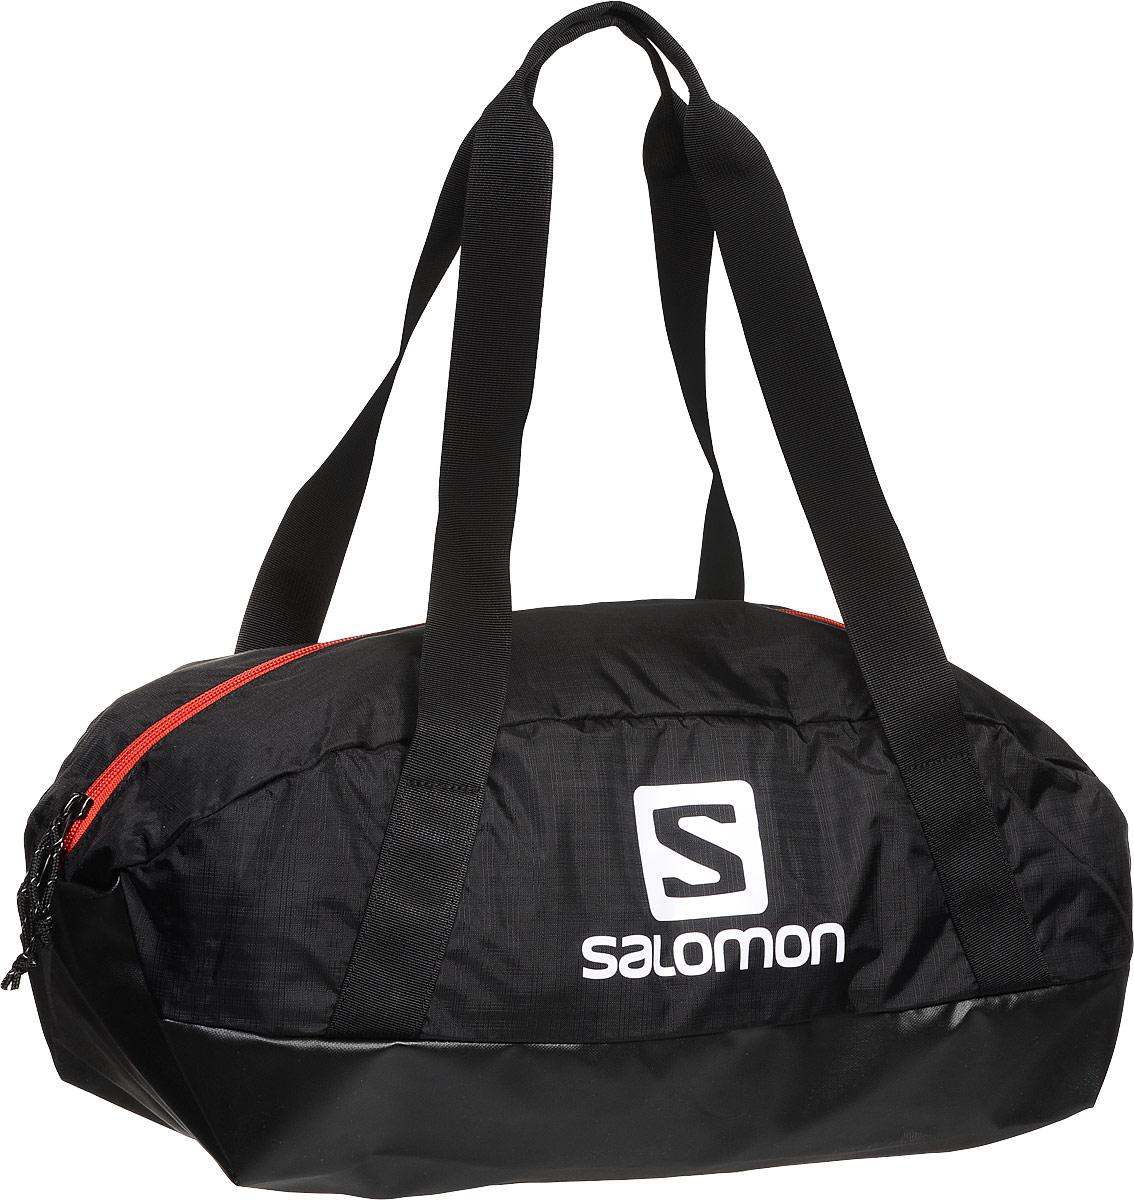 Сумка спортивная Salomon Prolog 25 Bag, цвет: черный, 25 л. L380023005361836490Сумка Salomon Prolog 25 Bag выполнена из качественного полиэстера и оформлена принтом с изображением логотипа бренда. Сумка оснащена удобными ручками и закрывается на удобную застежку-молнию. Внутри расположено вместительное отделение, которое содержит небольшой вшитый карман на молнии для мелочей.